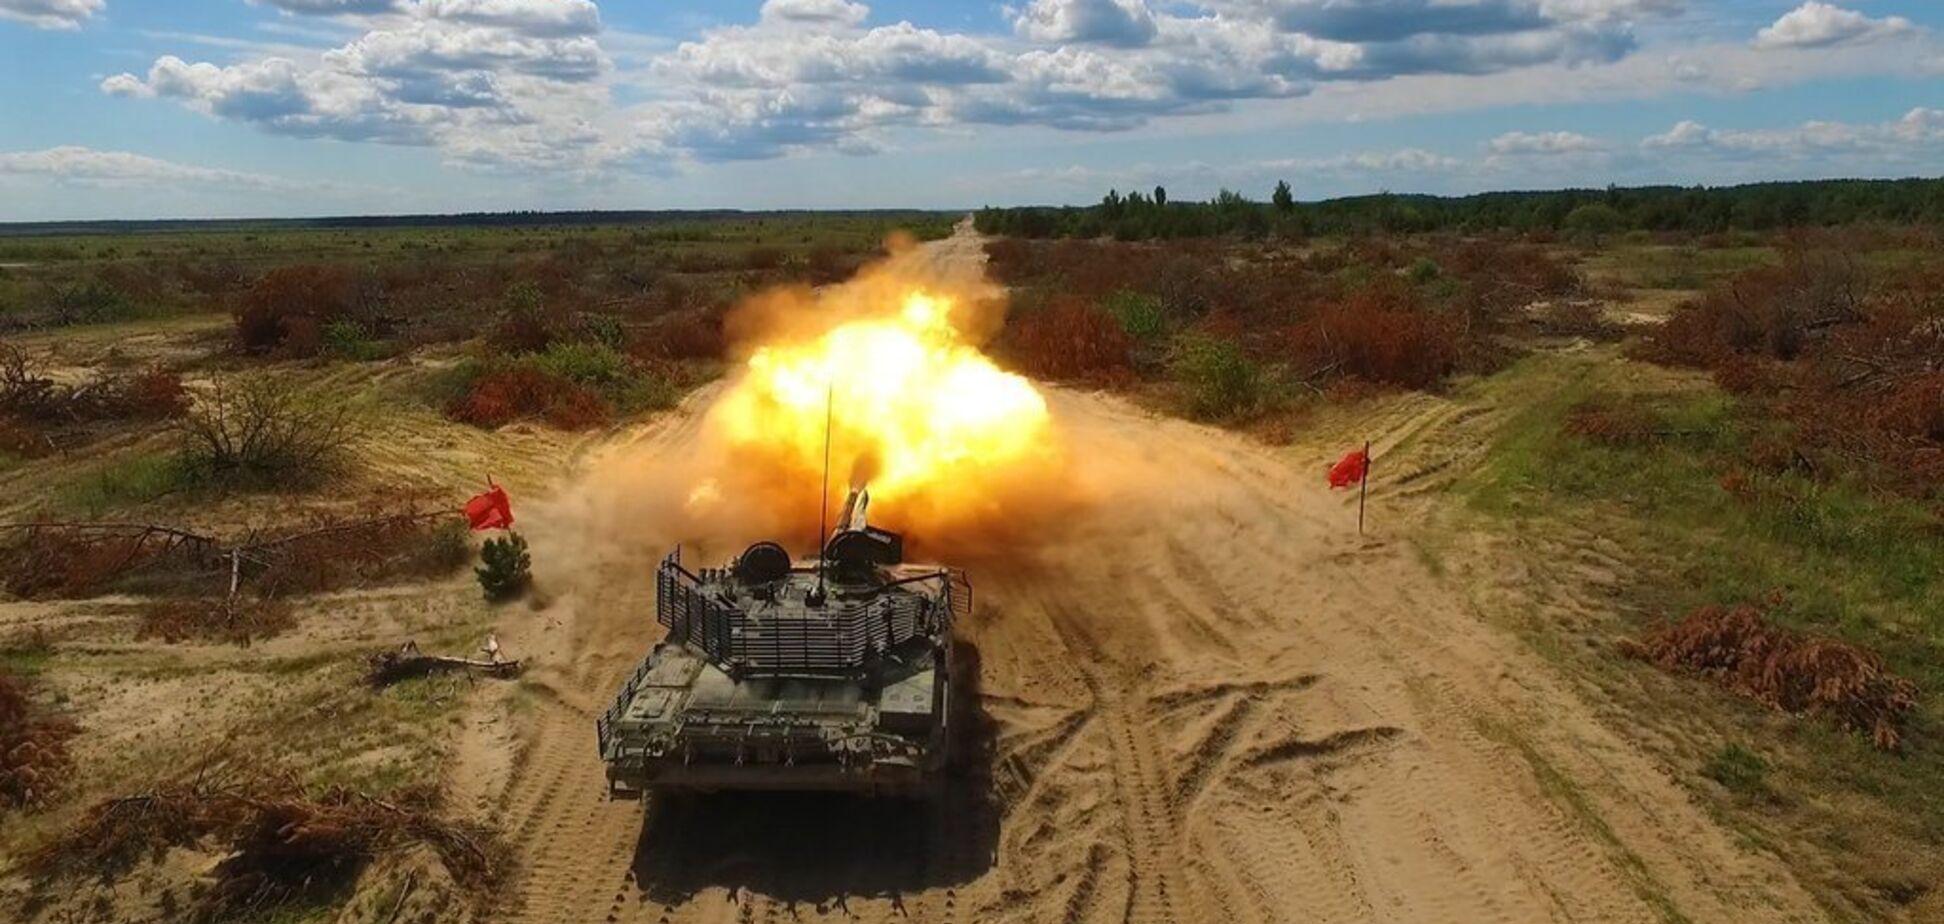 'Убийца танков': появились новые подробности о грозном оружии Украины